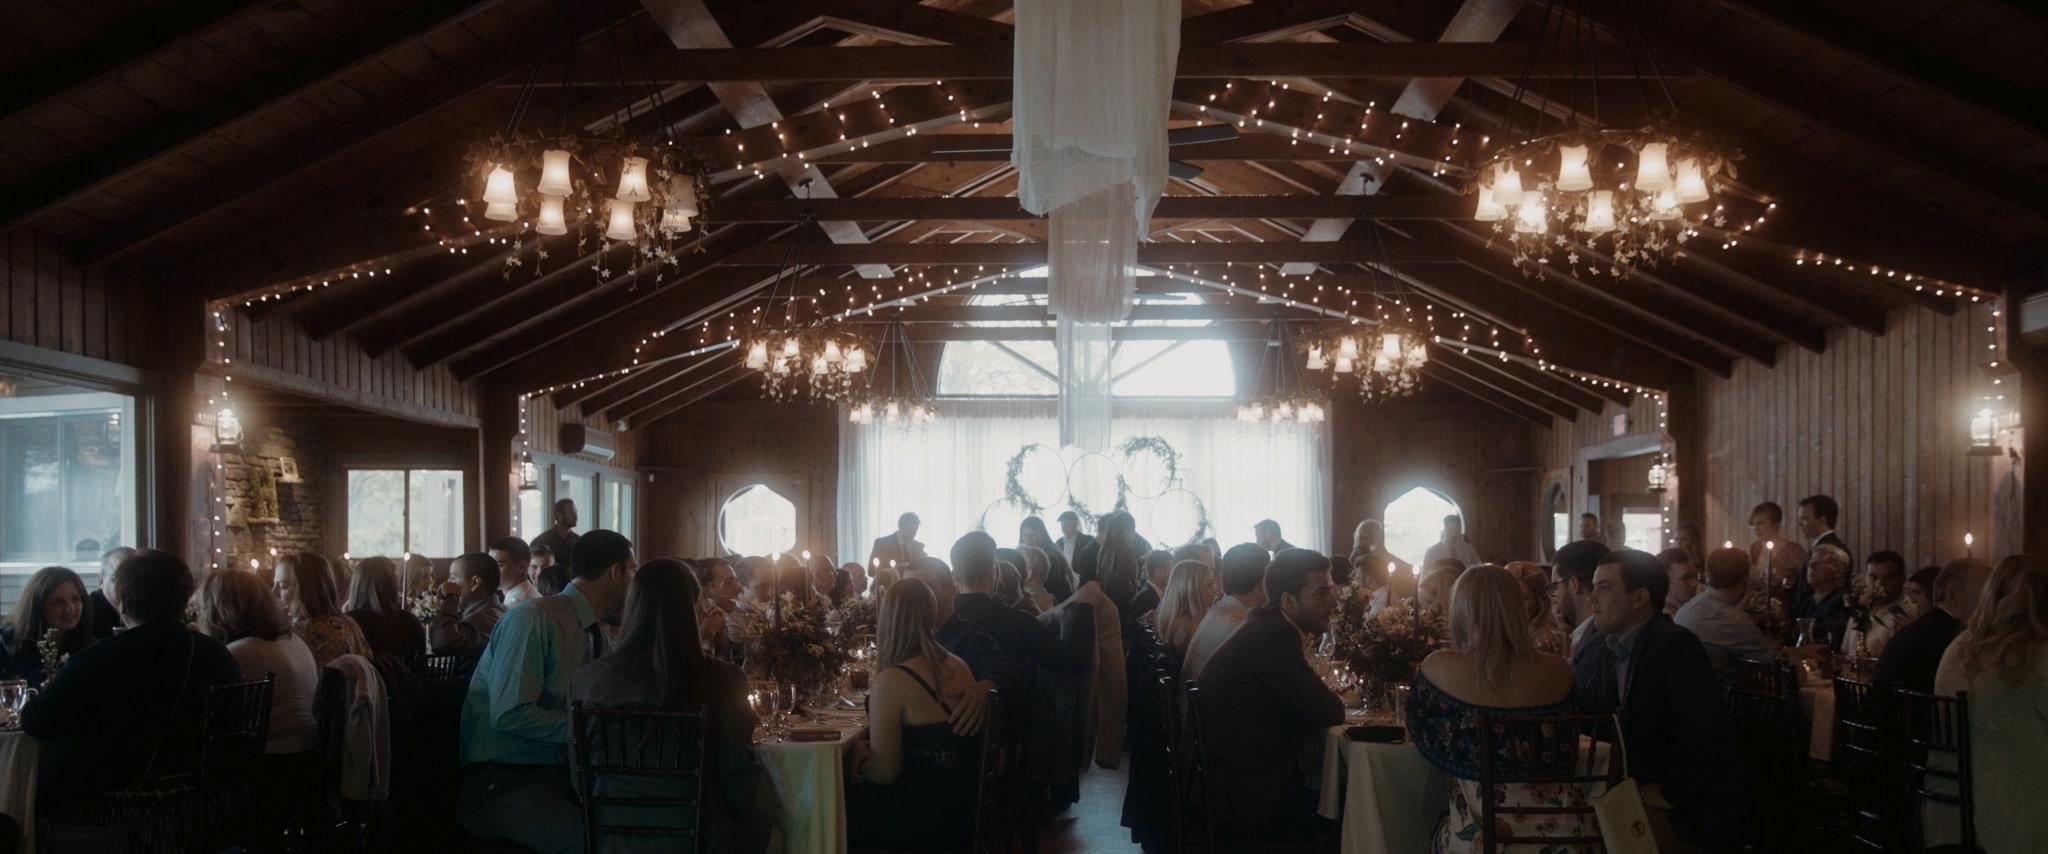 HAVENS_Wedding_Film.00_05_14_01.Still059.jpg